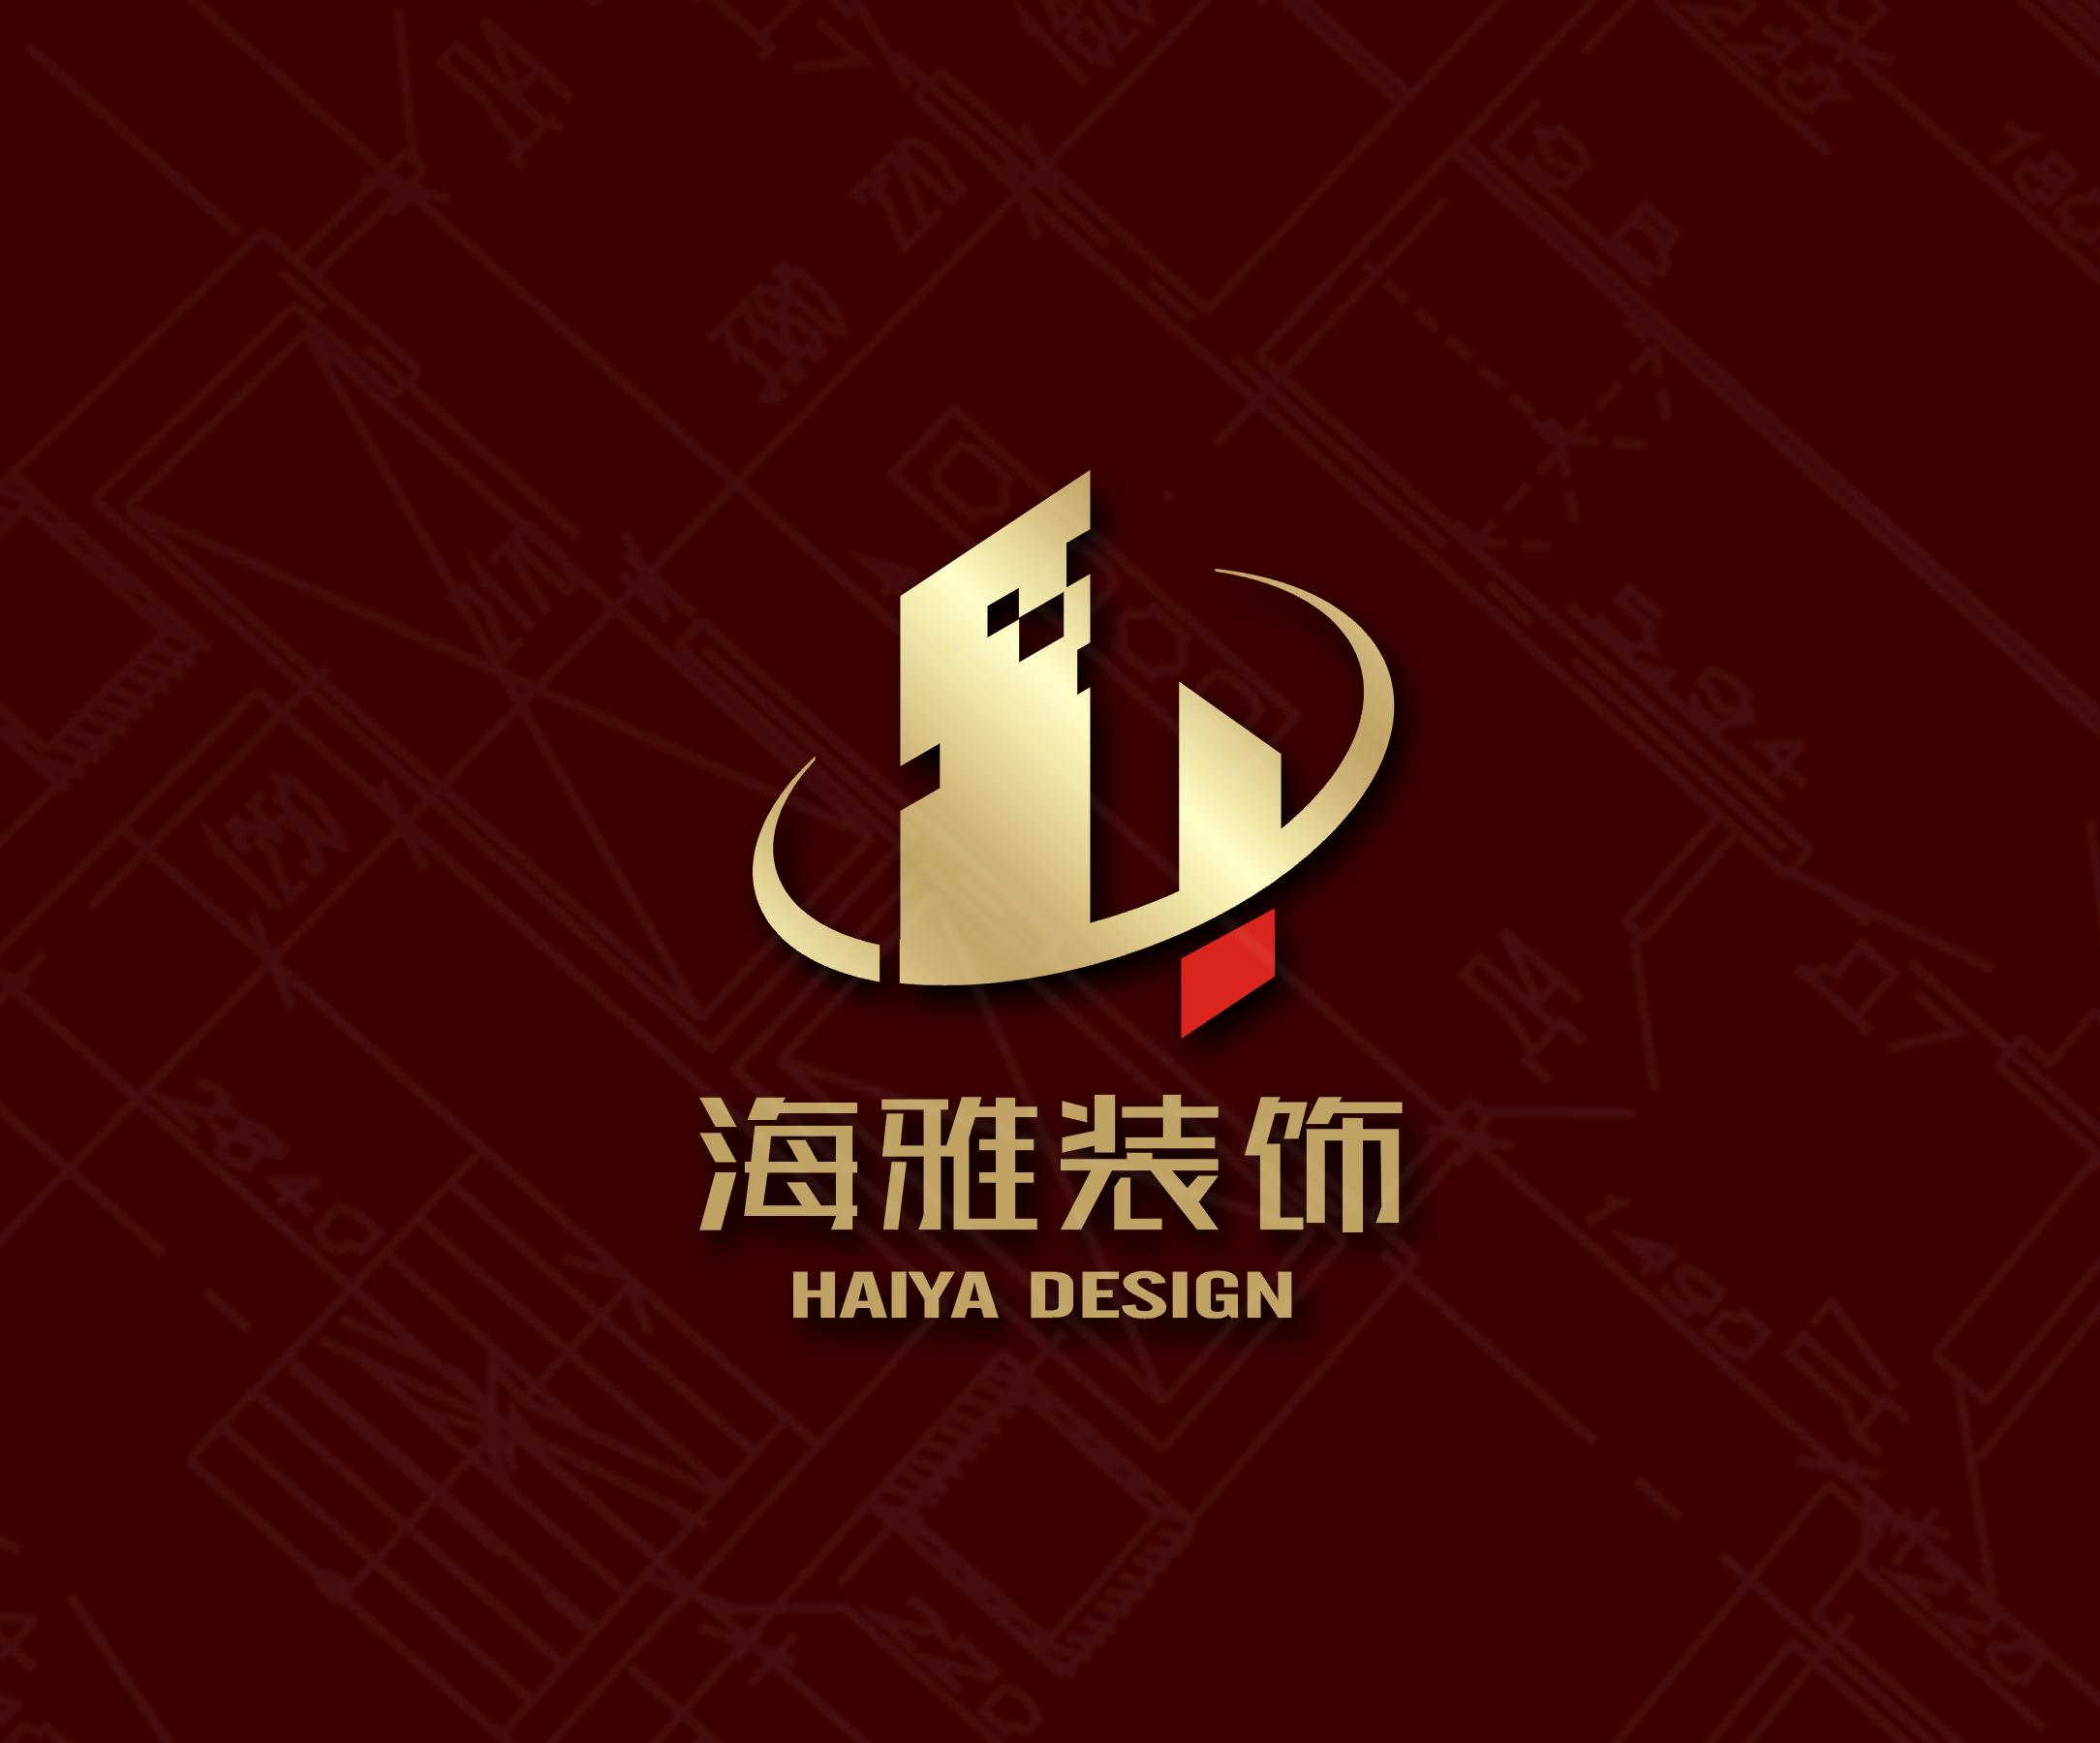 海雅装饰工程有限公司